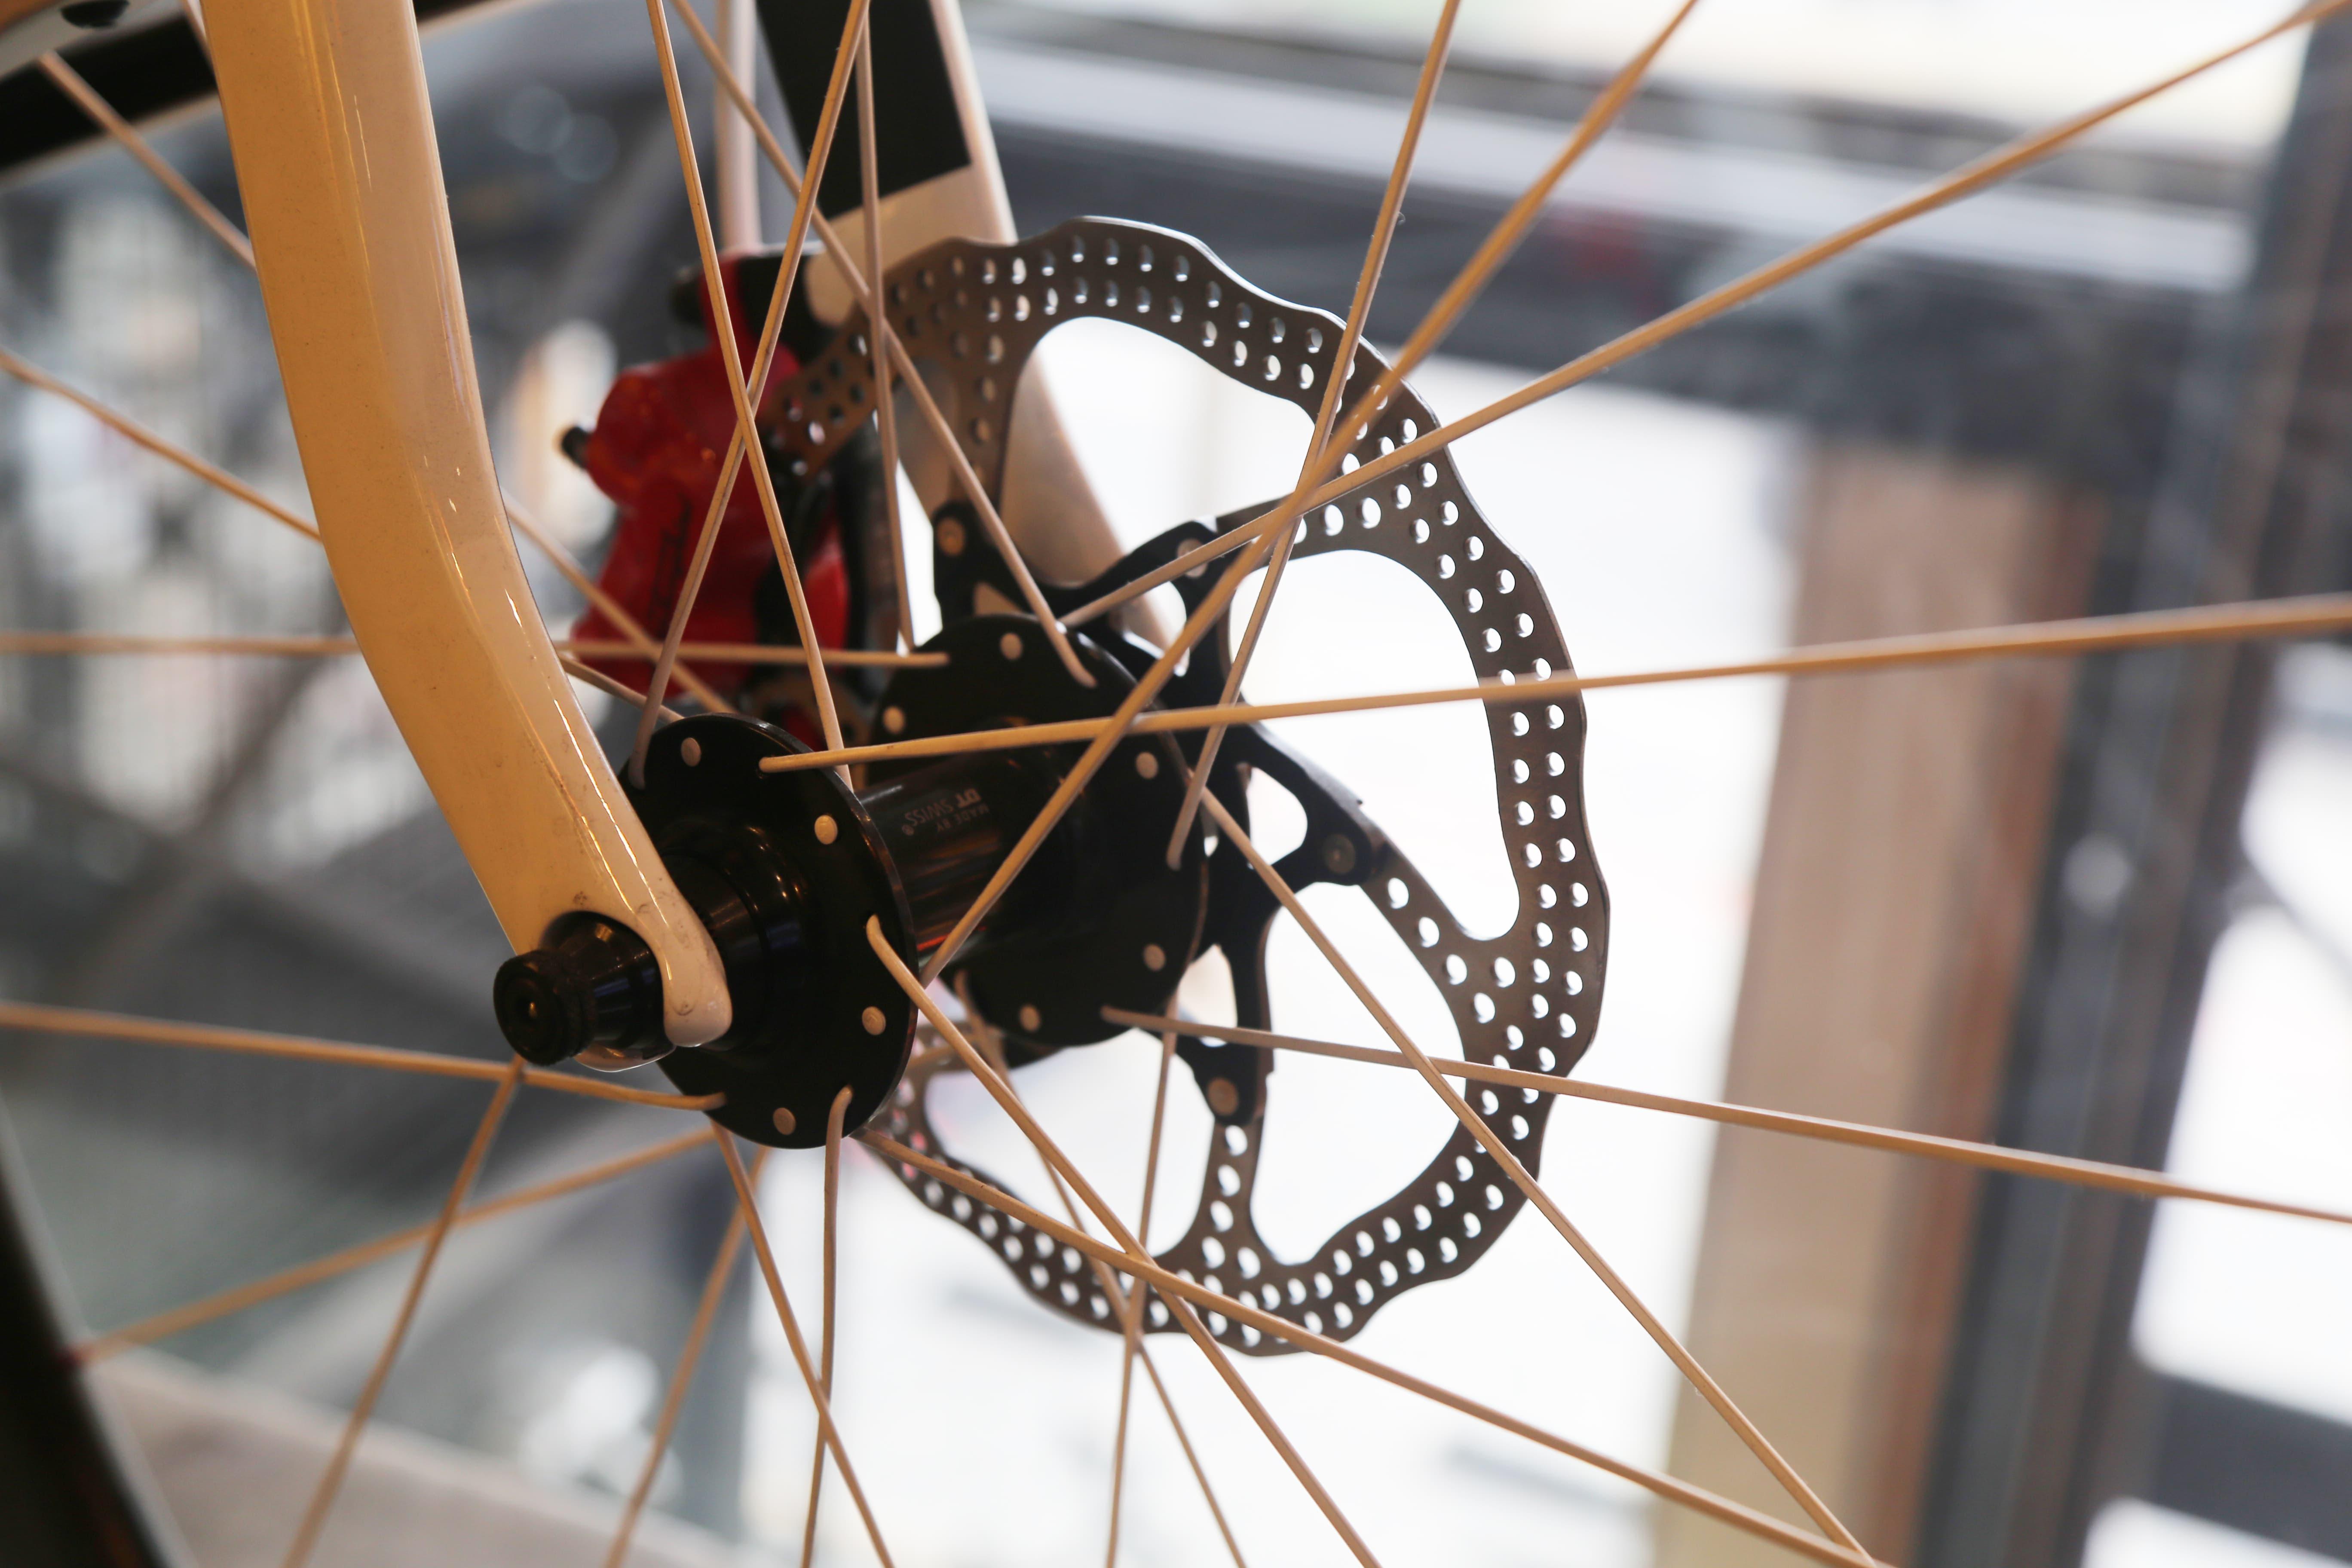 Freio a disco em uma bicicleta de nossa loja